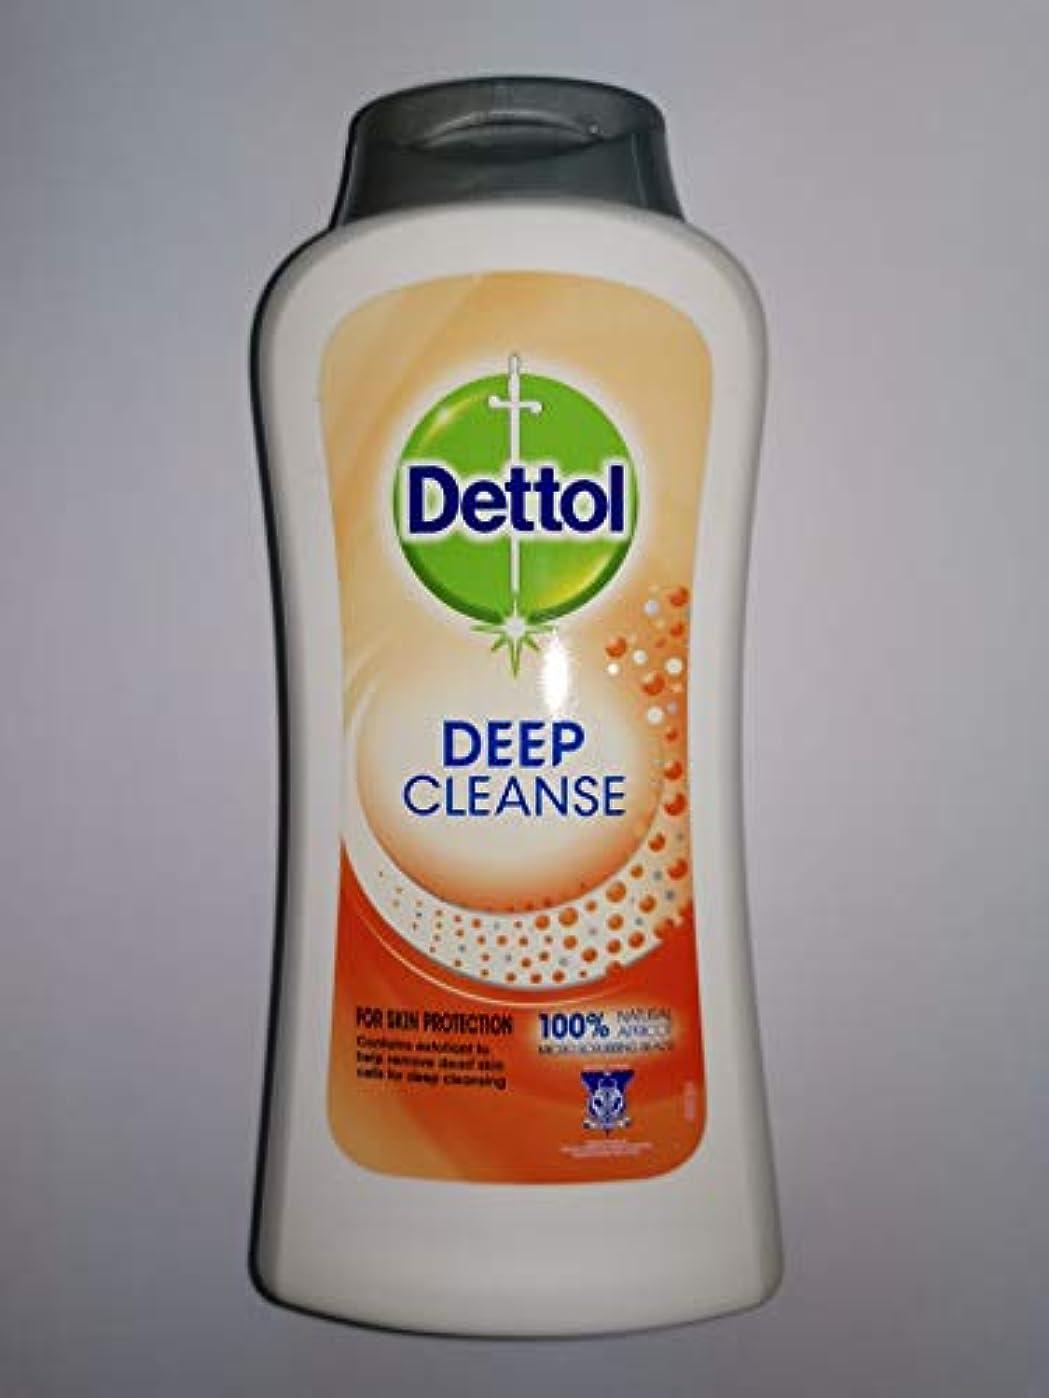 棚軌道一次Dettol マイクロスクラブビーズで225ミリリットル、深いクリーンシャワーすることは、それらを100%より優れた皮膚保護を提供します。皮膚は不純物や細菌自由な呼吸させます